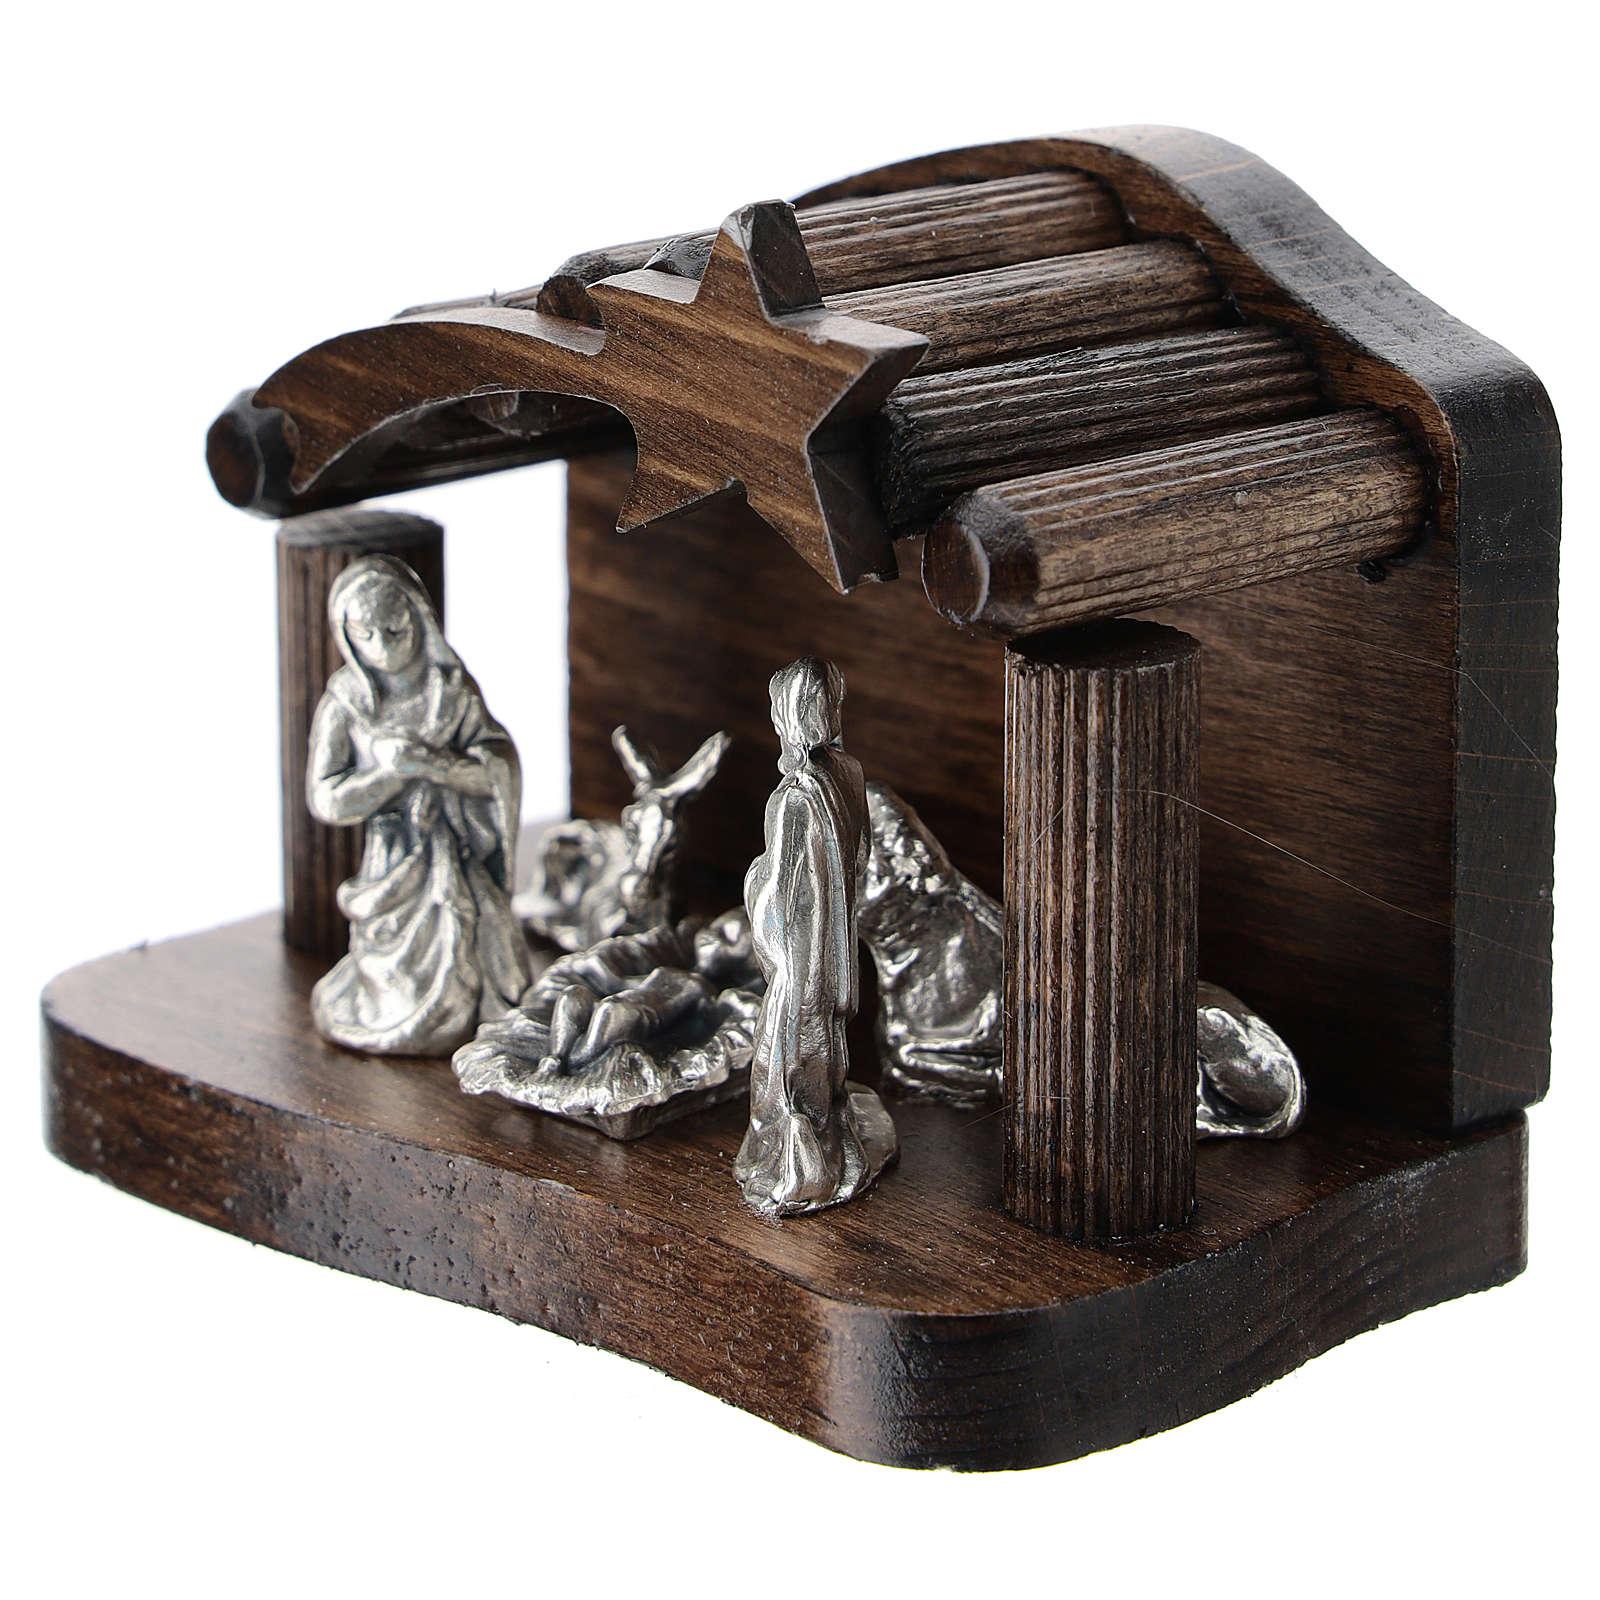 Cabaña escalones de madera y natividad metal 5 cm 3